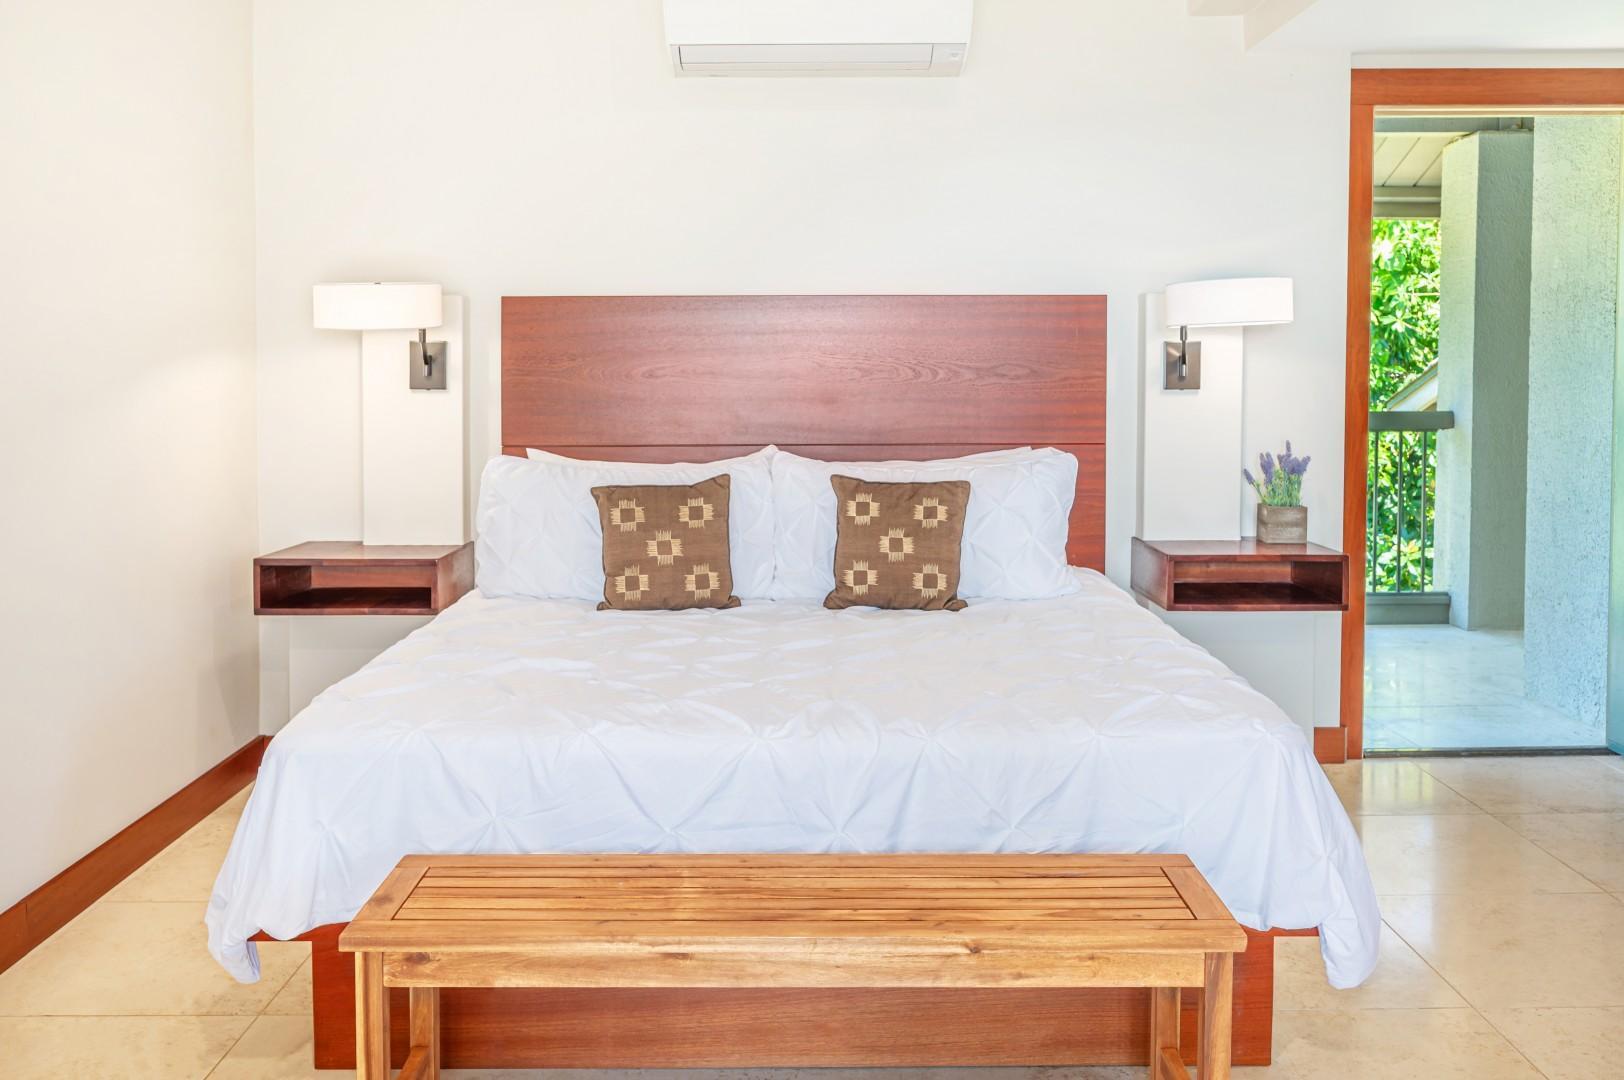 Hotel /Studio suite